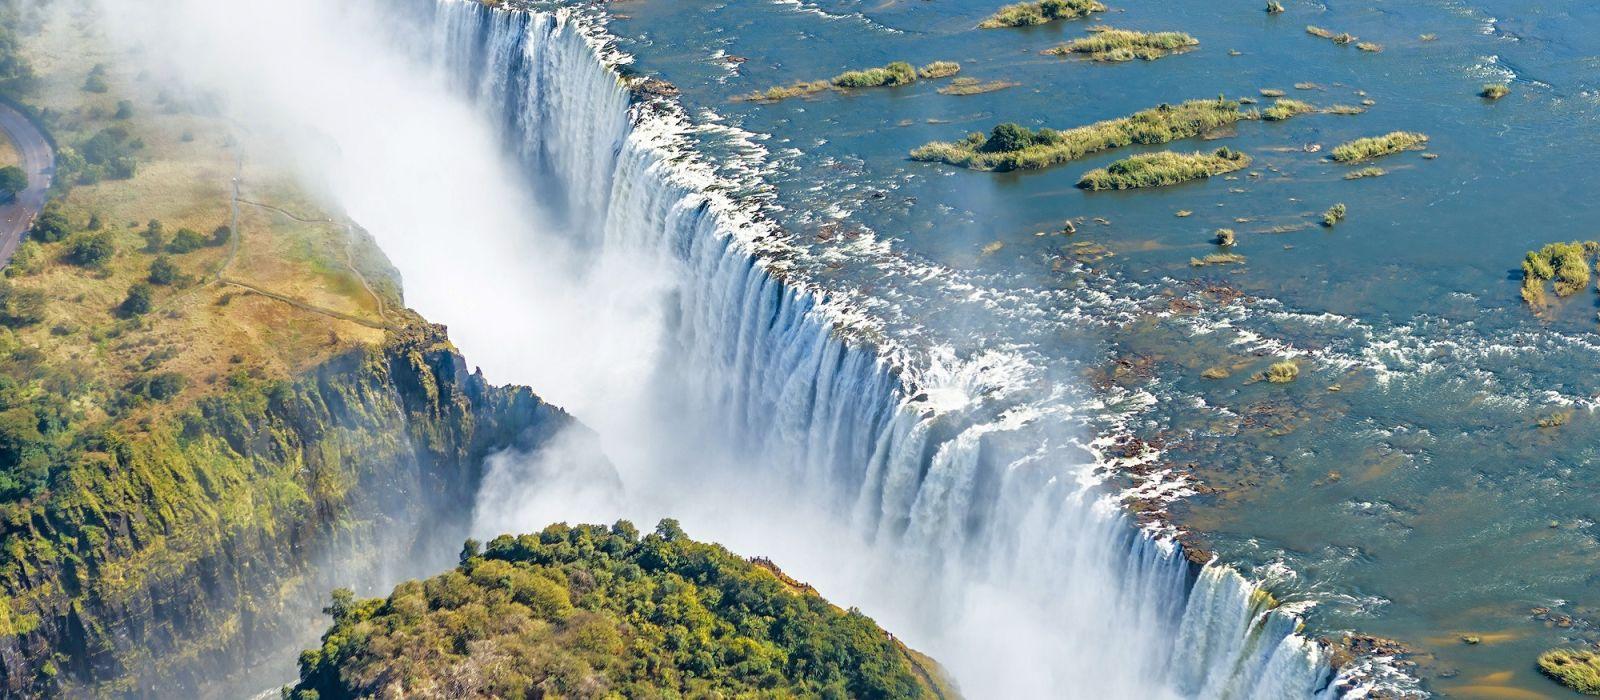 Krüger, Viktoriafälle & Okavango Delta – die Höhepunkte des südlichen Afrika Urlaub 4